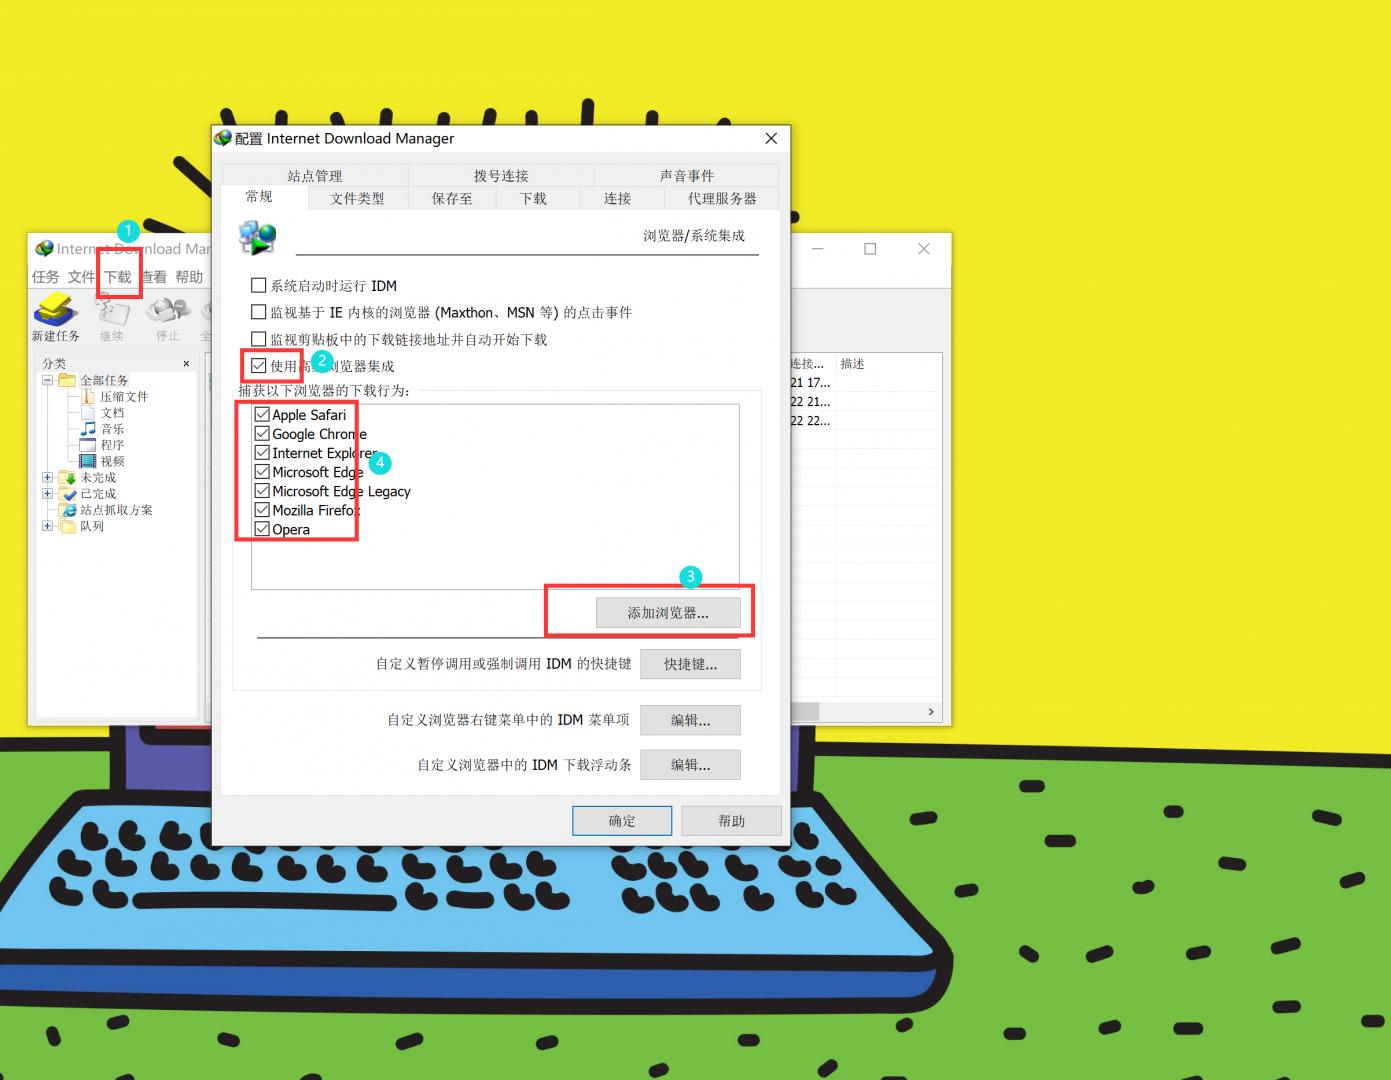 图片11:开启集成和添加浏览器